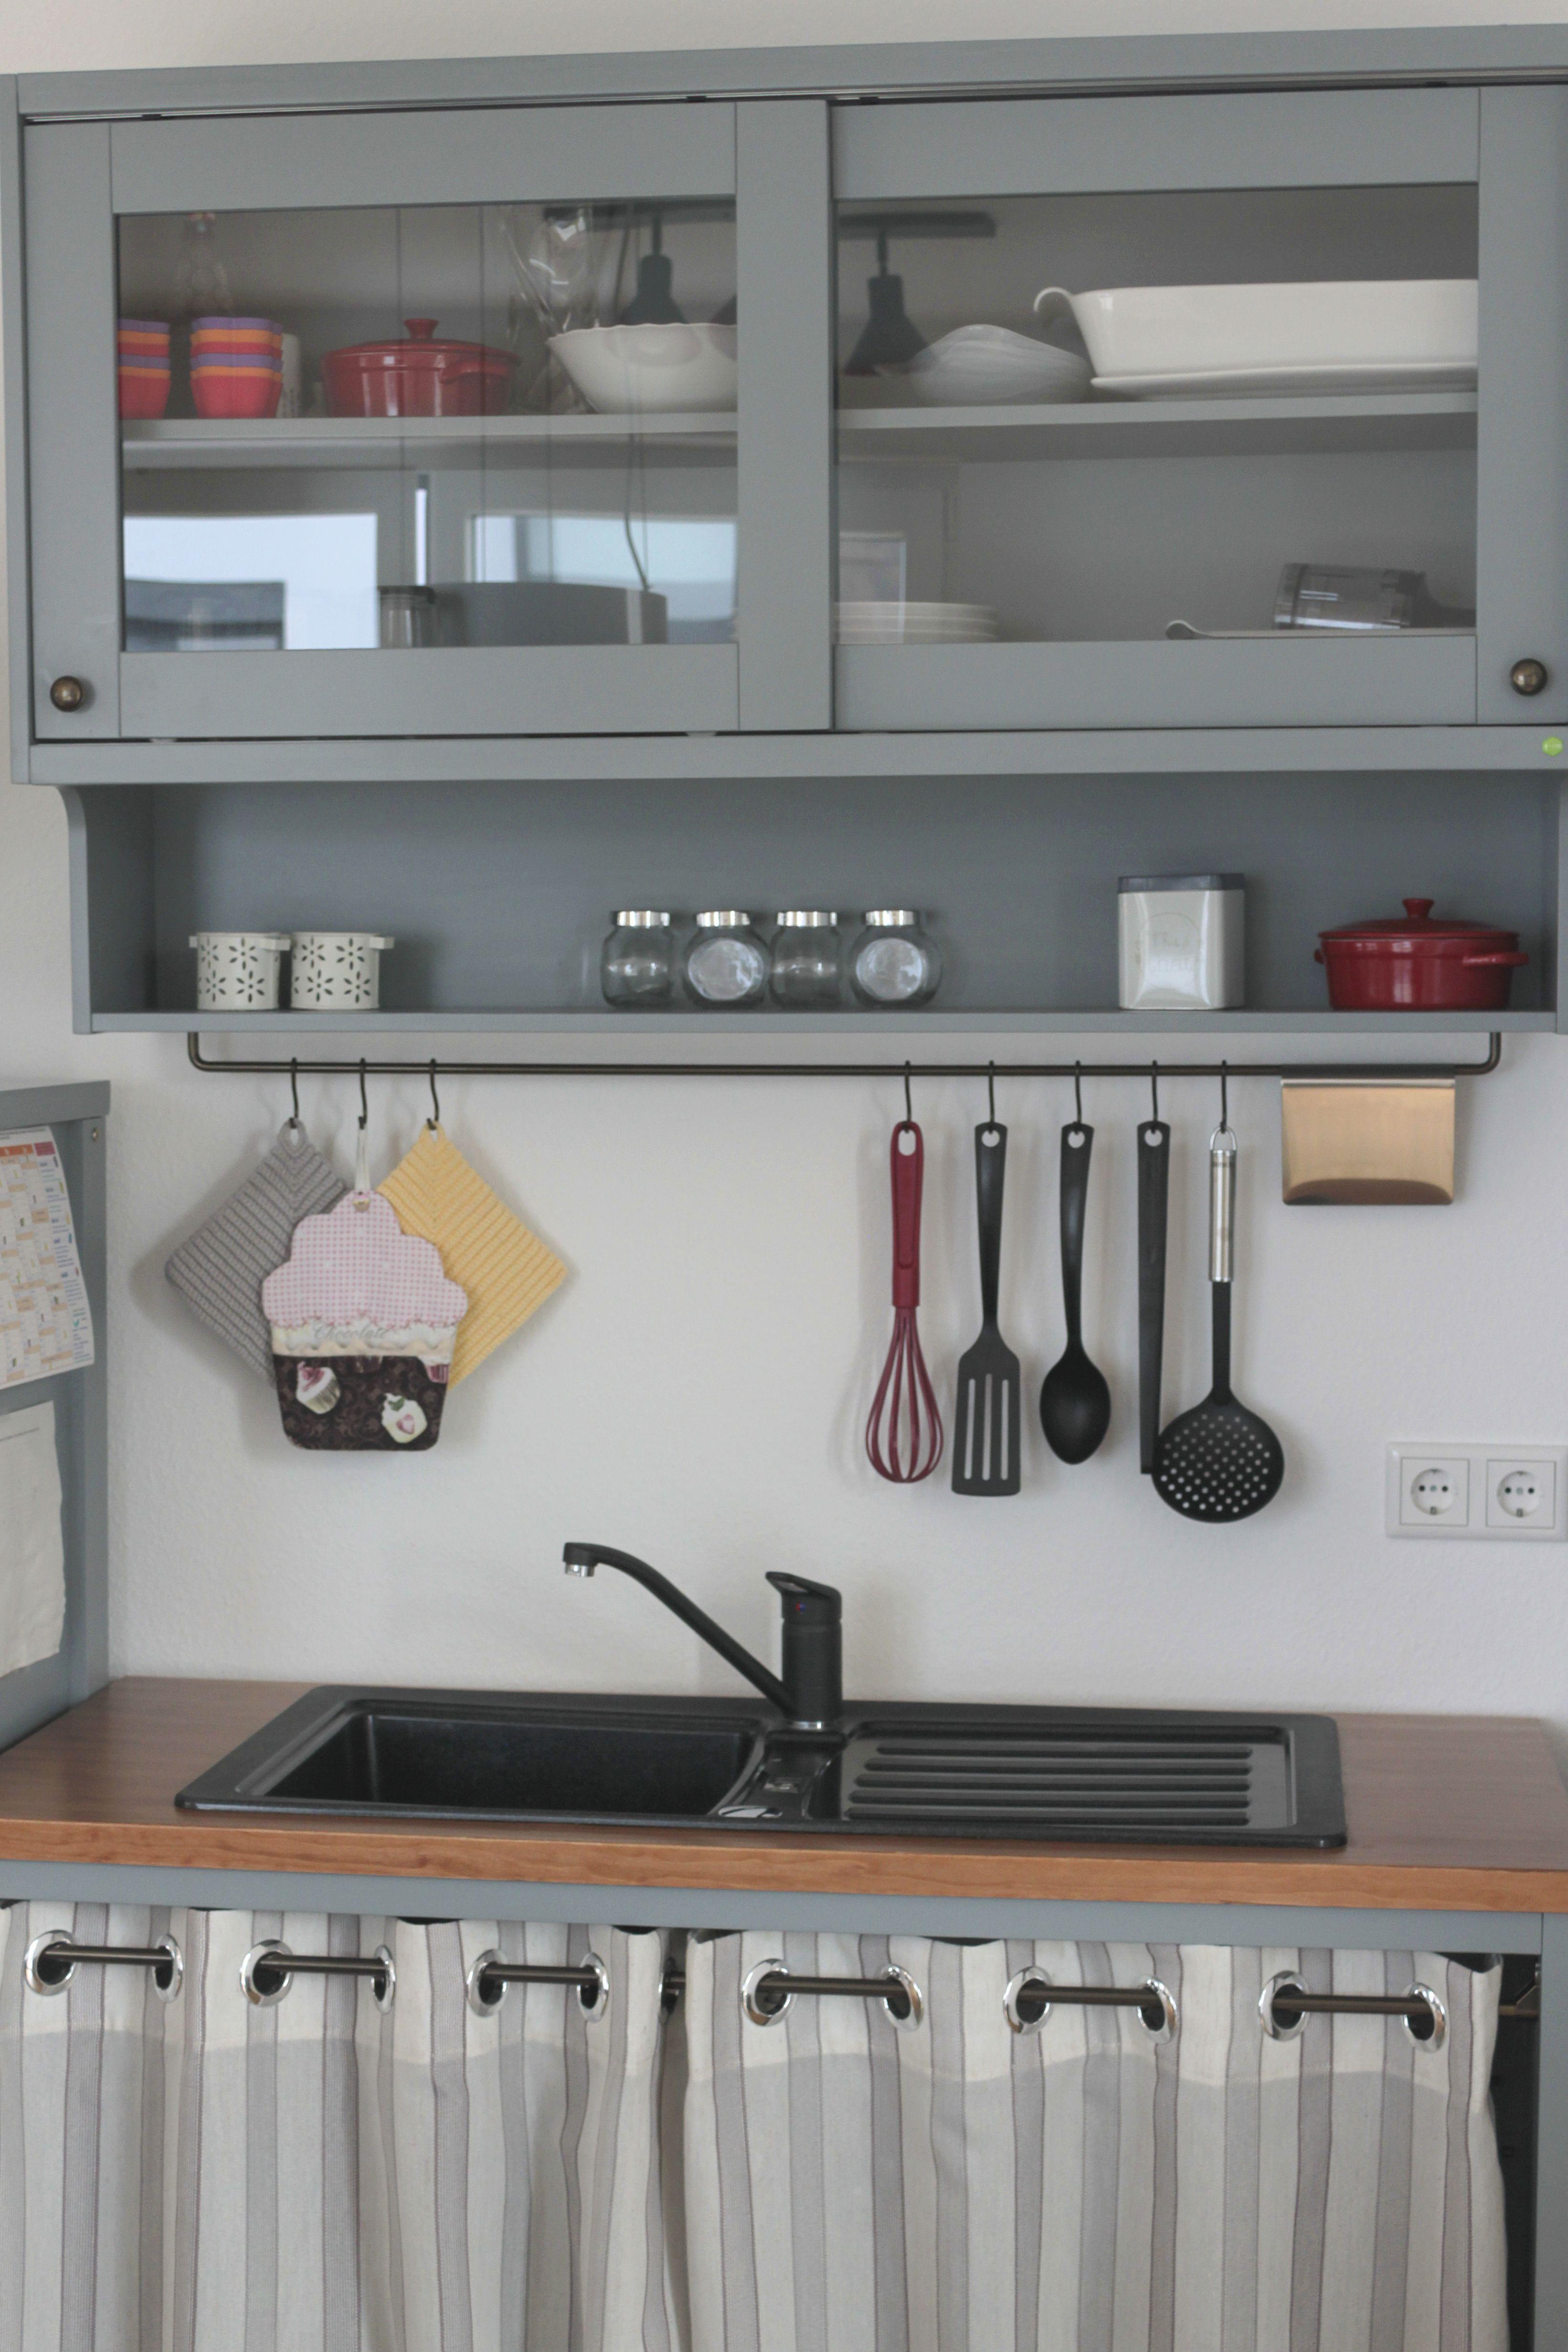 Pin De Jurgen Vart Em Cozinha Armario Cozinha Armario De